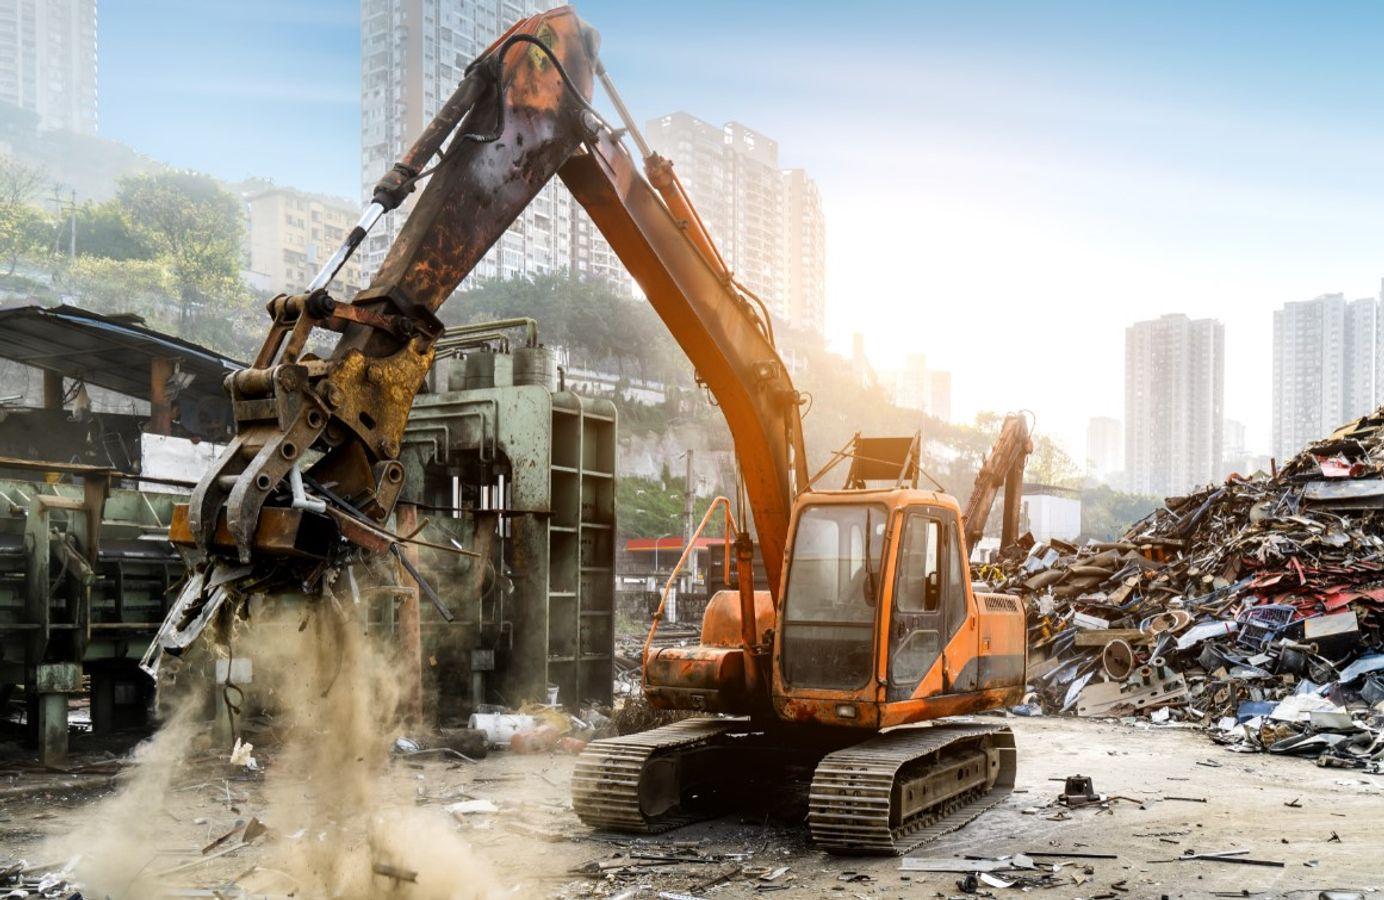 Le label 2EC pour prévenir et gérer les déchets du BTP dans une économie circulaire